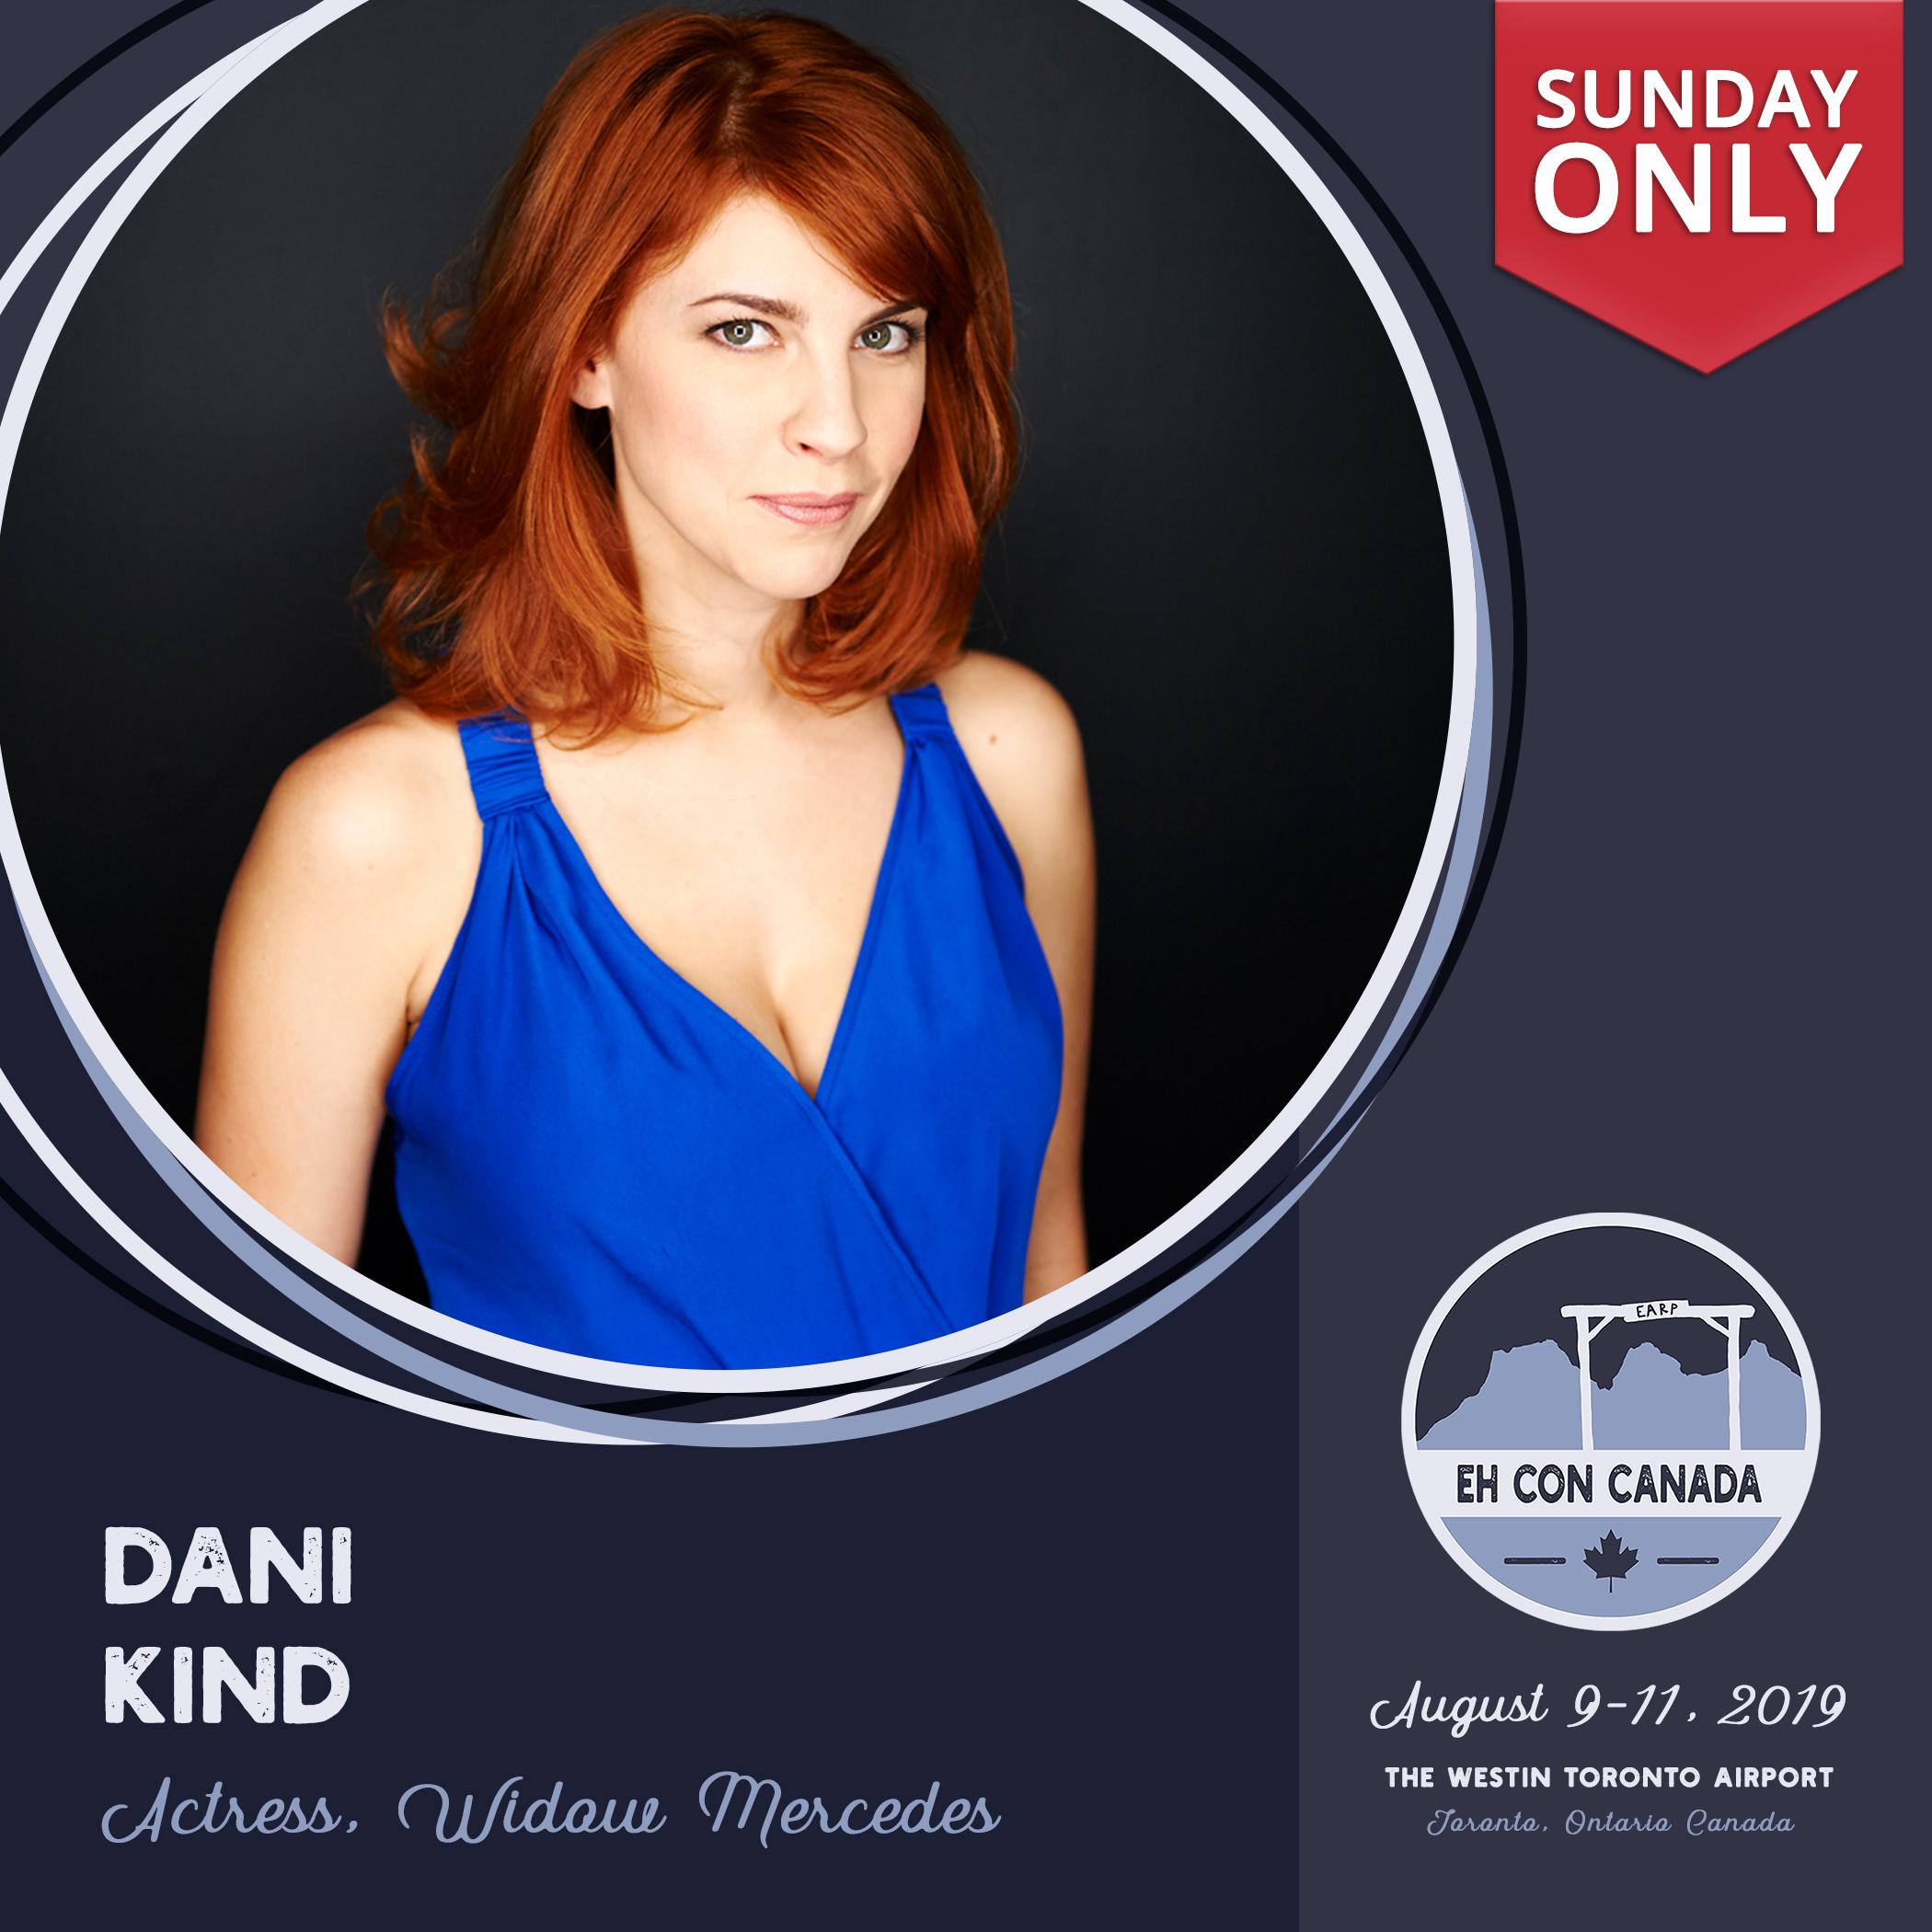 Dani's Bio